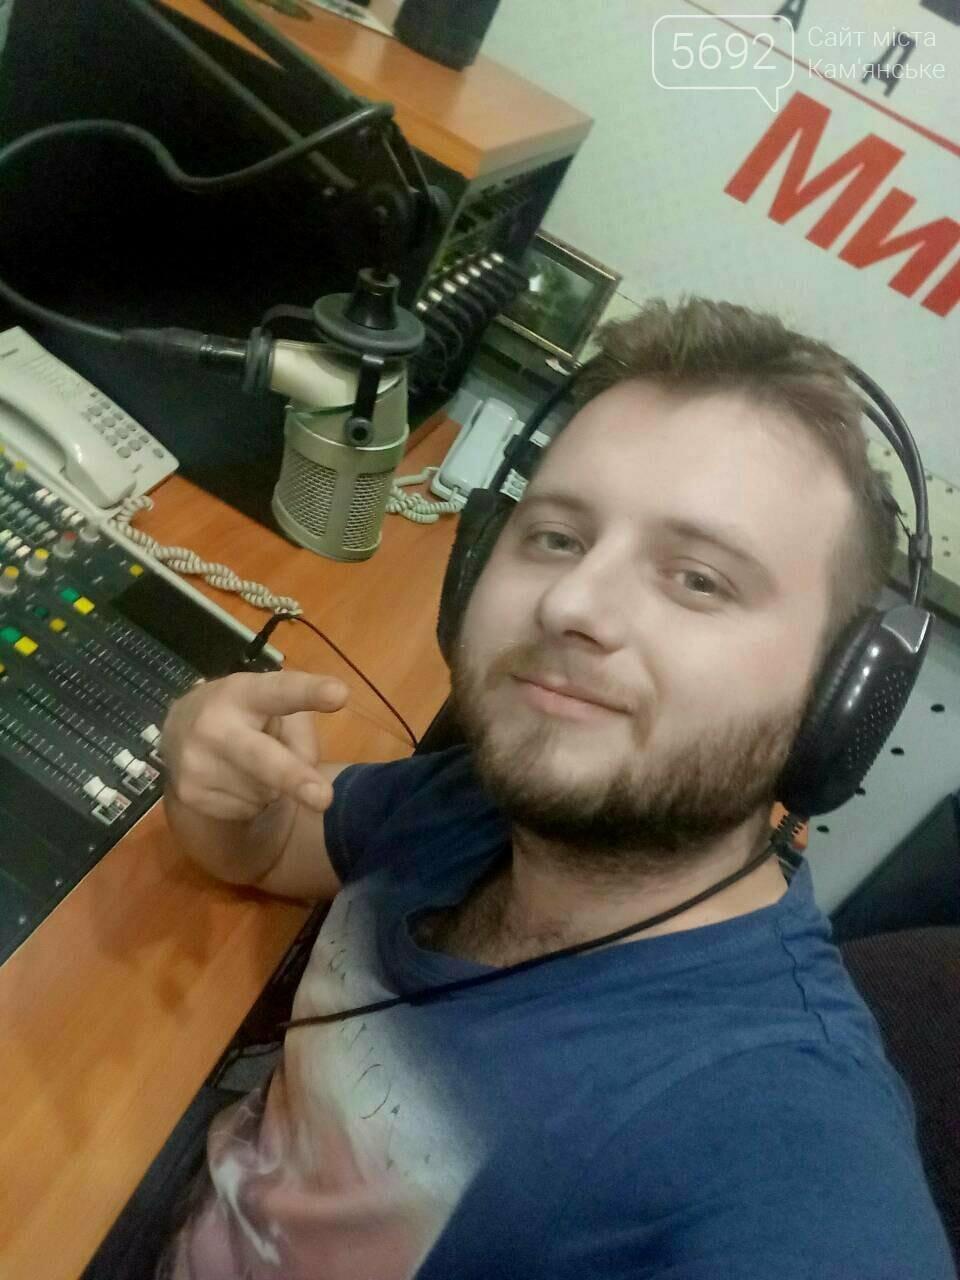 Михаил Акуленко: «Радиоведущий должен быть «красавчиком», фото-1